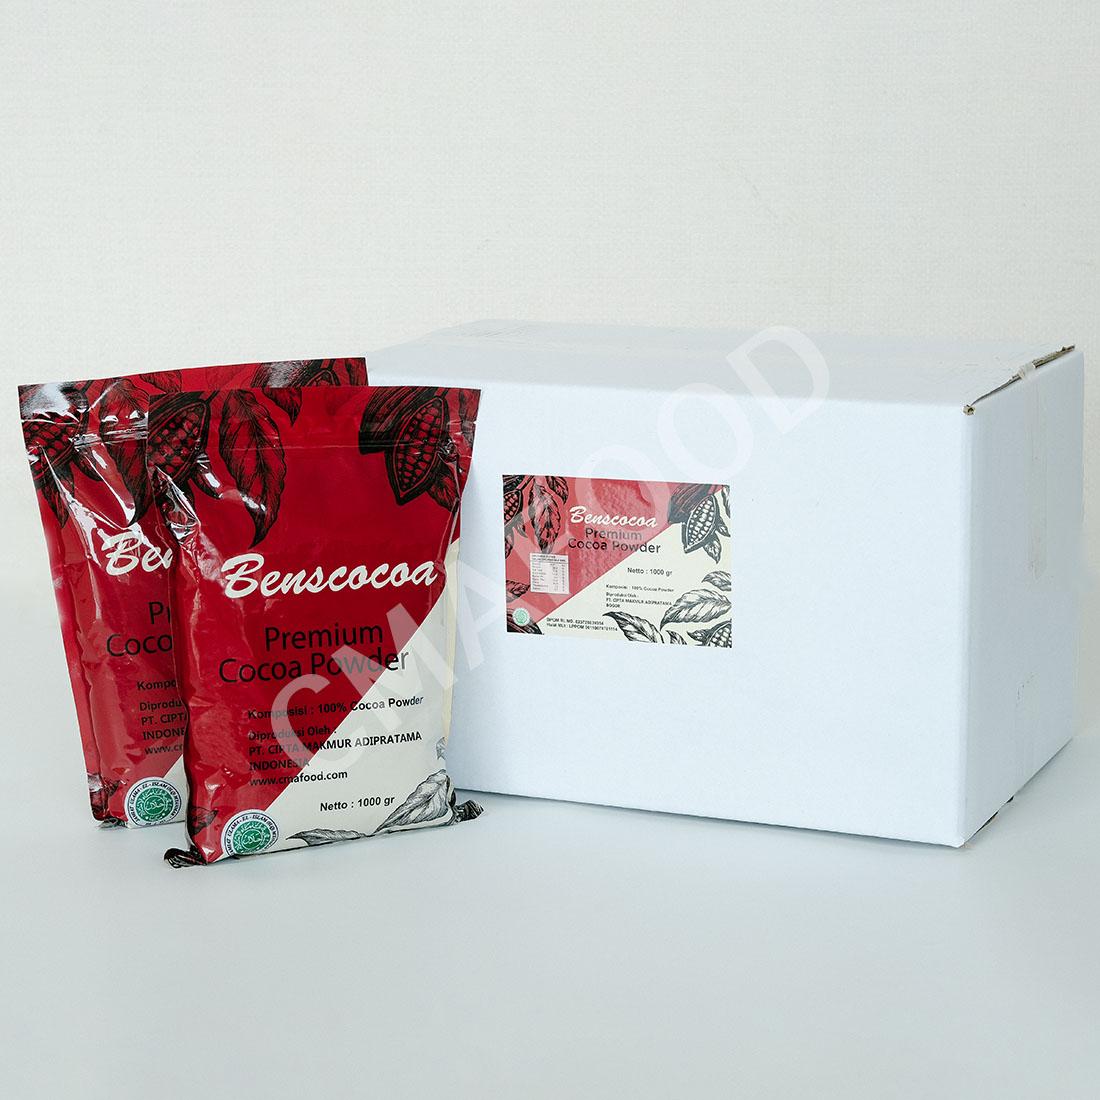 Benscocoa Premium Cocoa Powder Photo 0